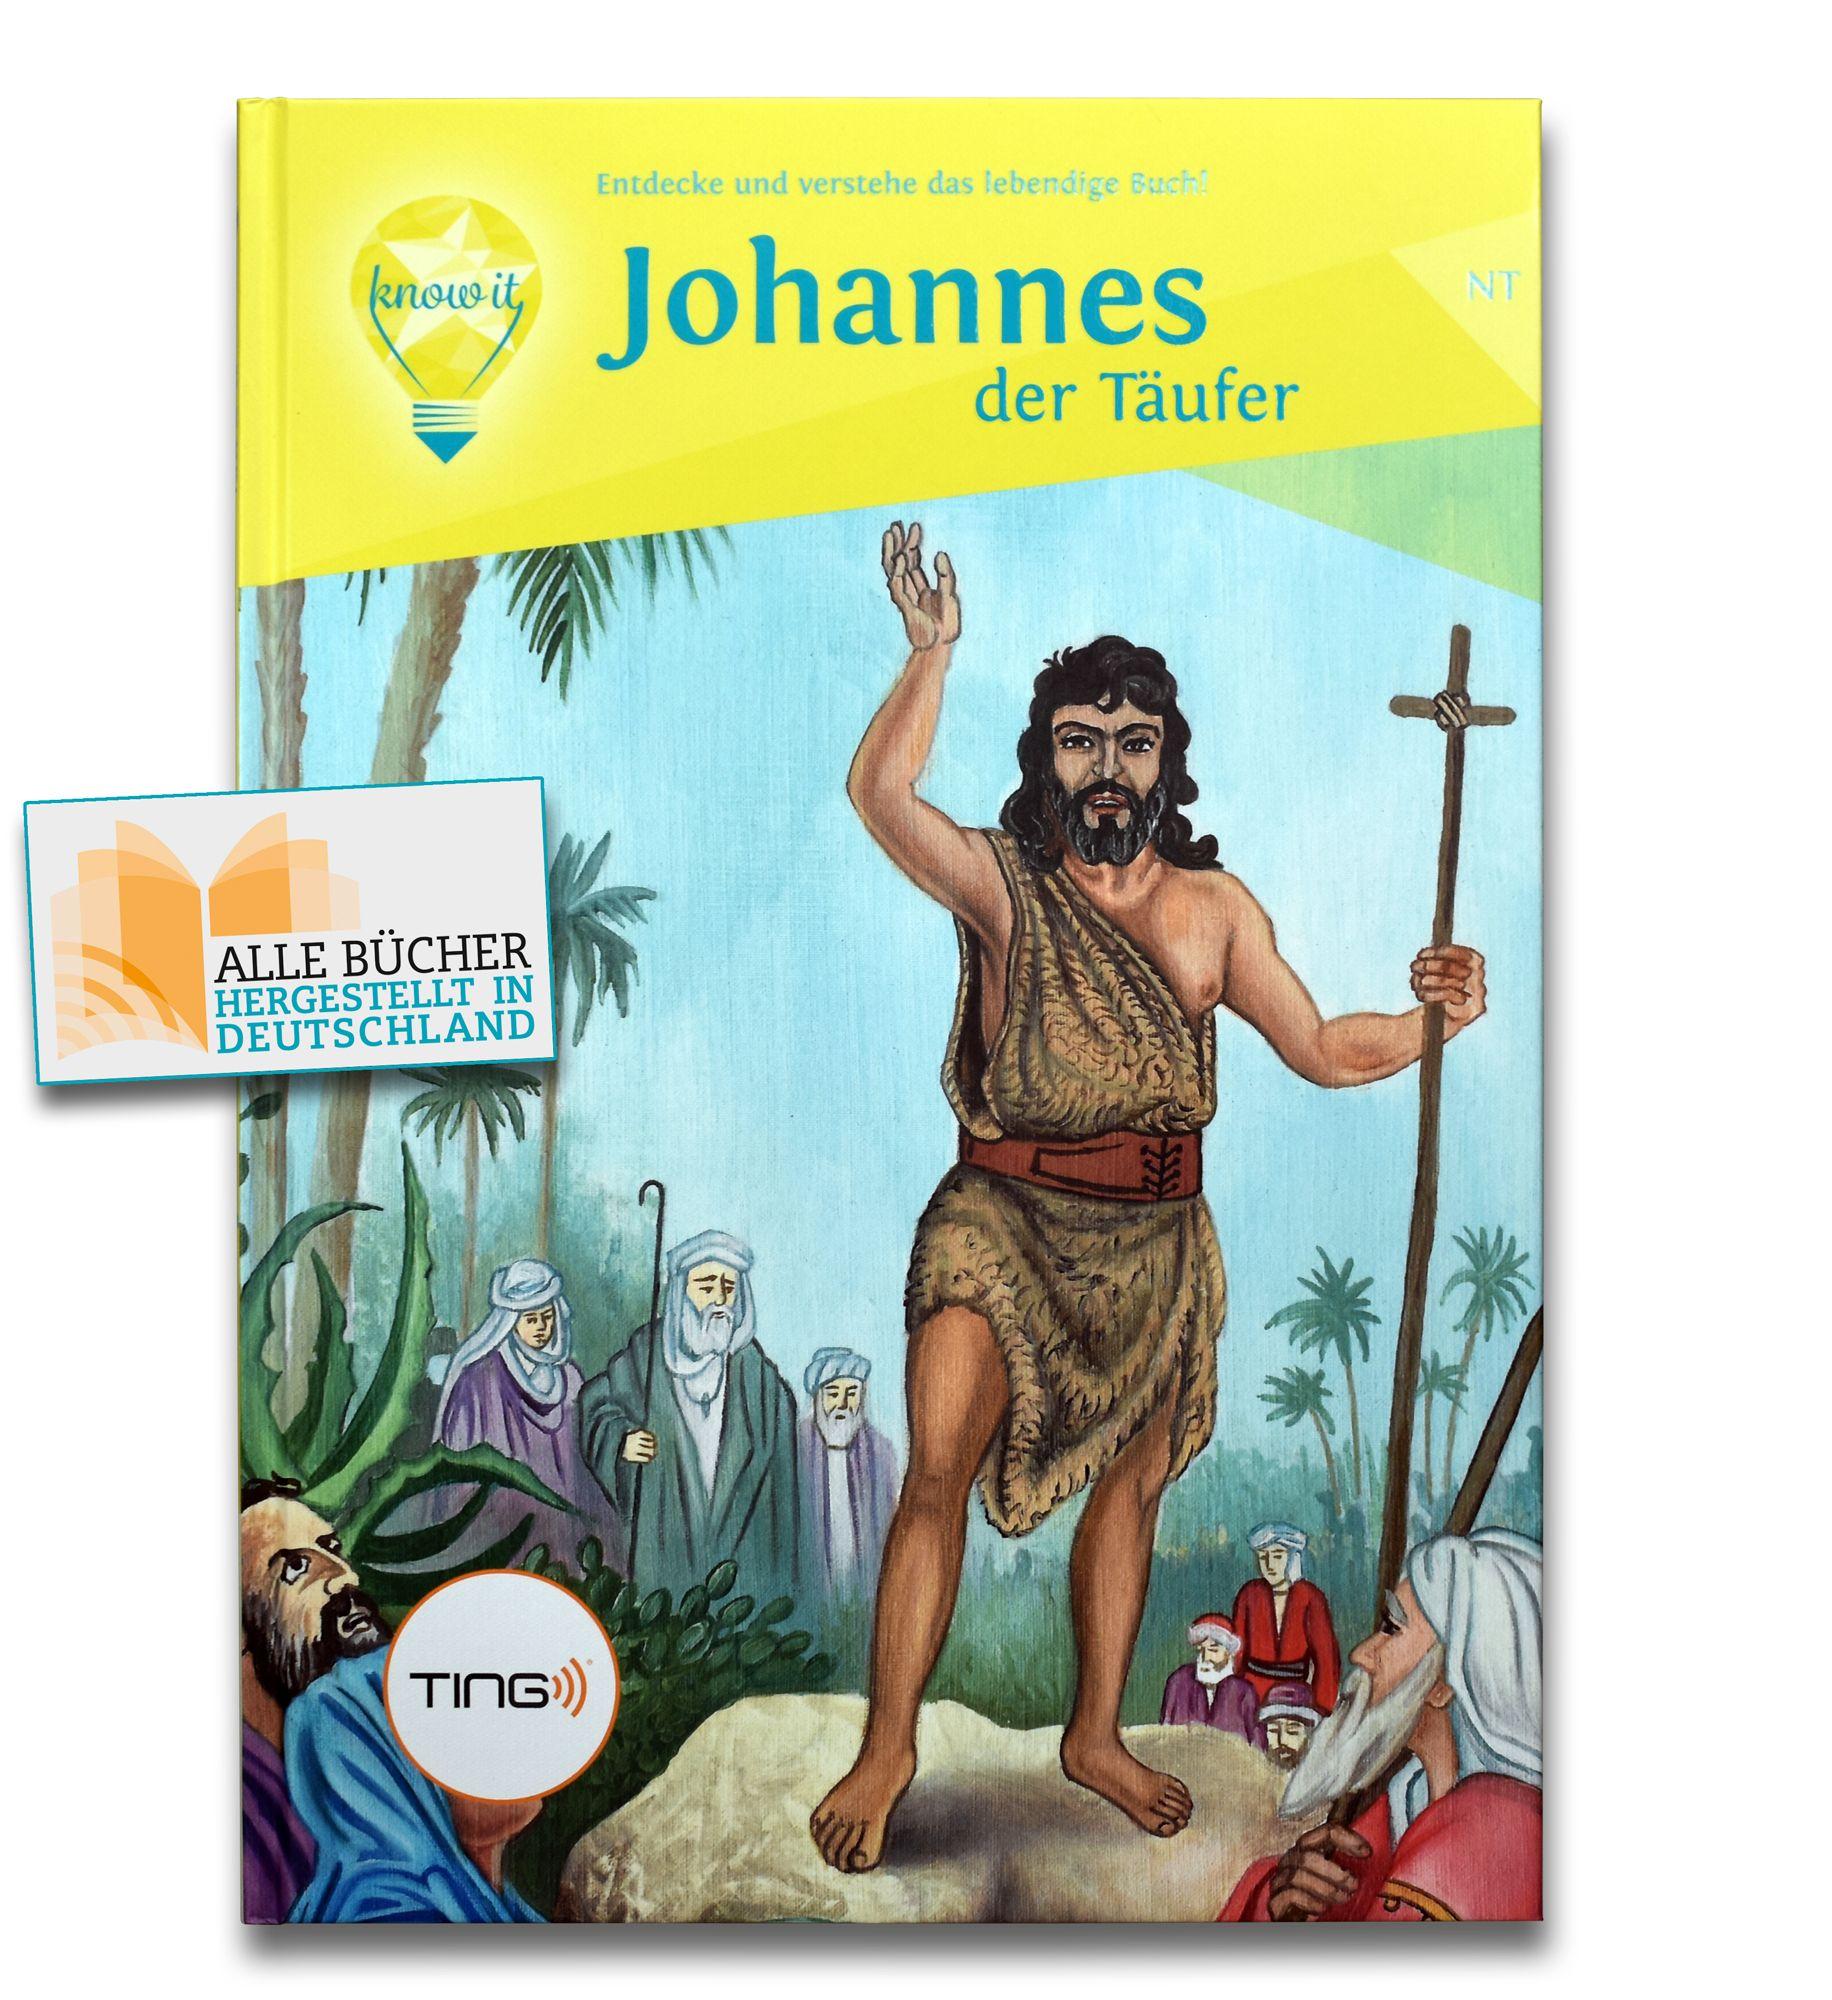 TING Audio-Buch - Johannes der Täufer NT